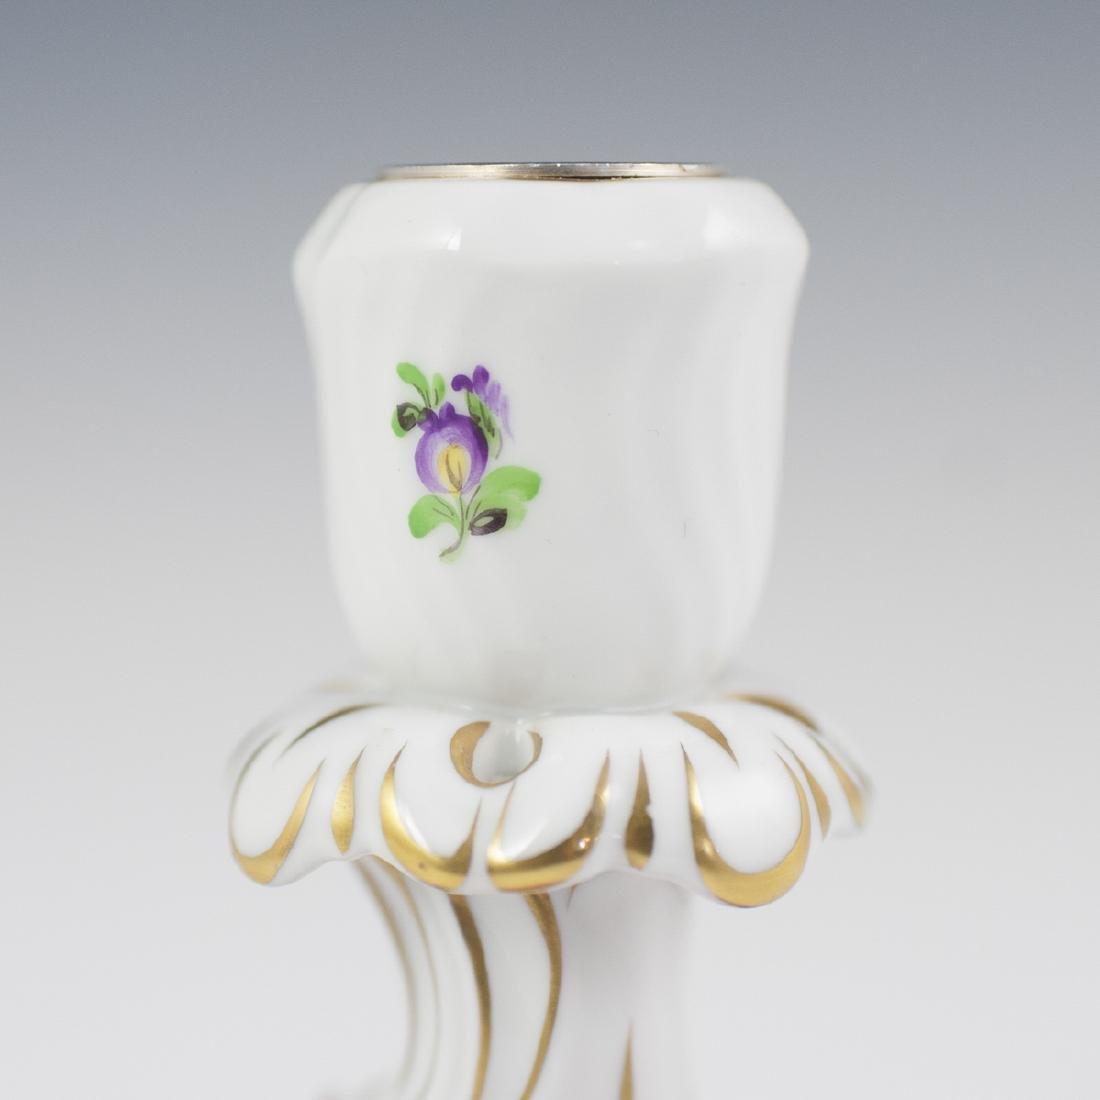 Herend Porcelain Candlestick - 2